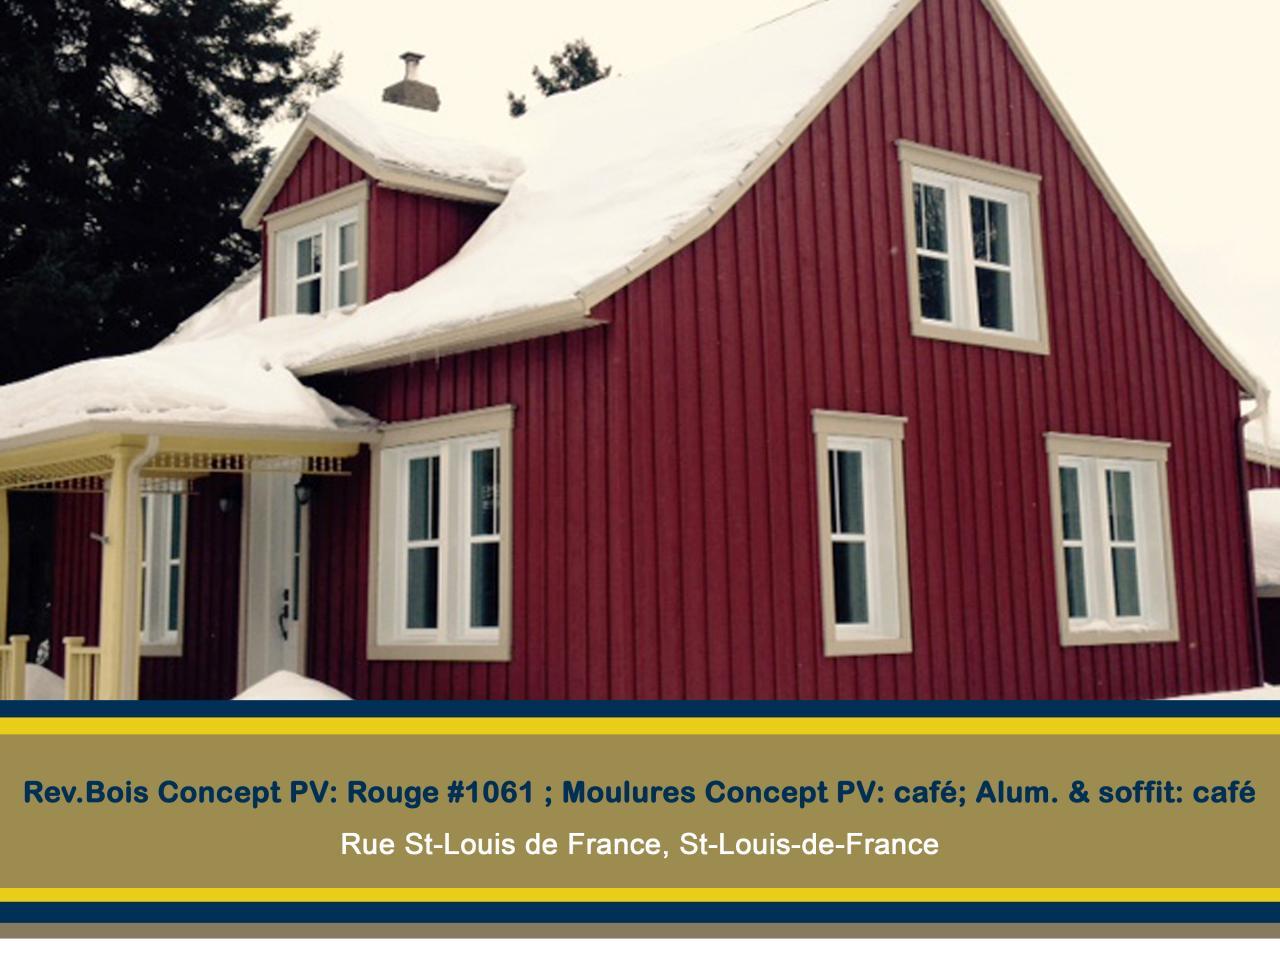 BOIS CONCEPT PV ST-LOUIS DE FRANCE